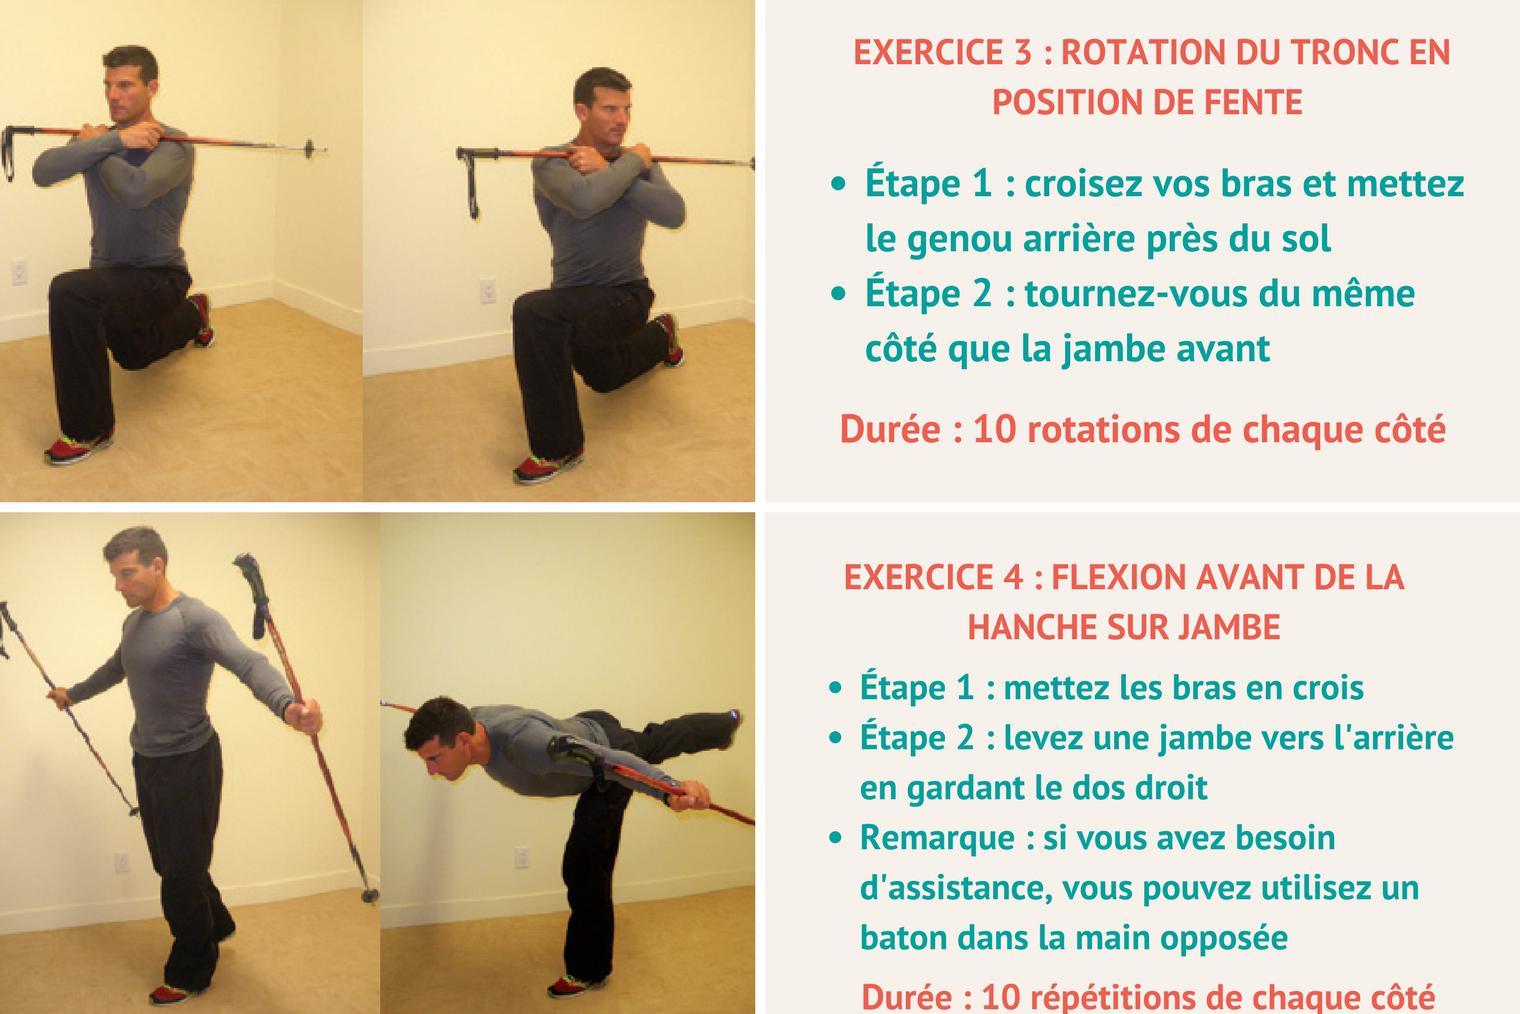 Ski alpin et préparation physique : exercice 2